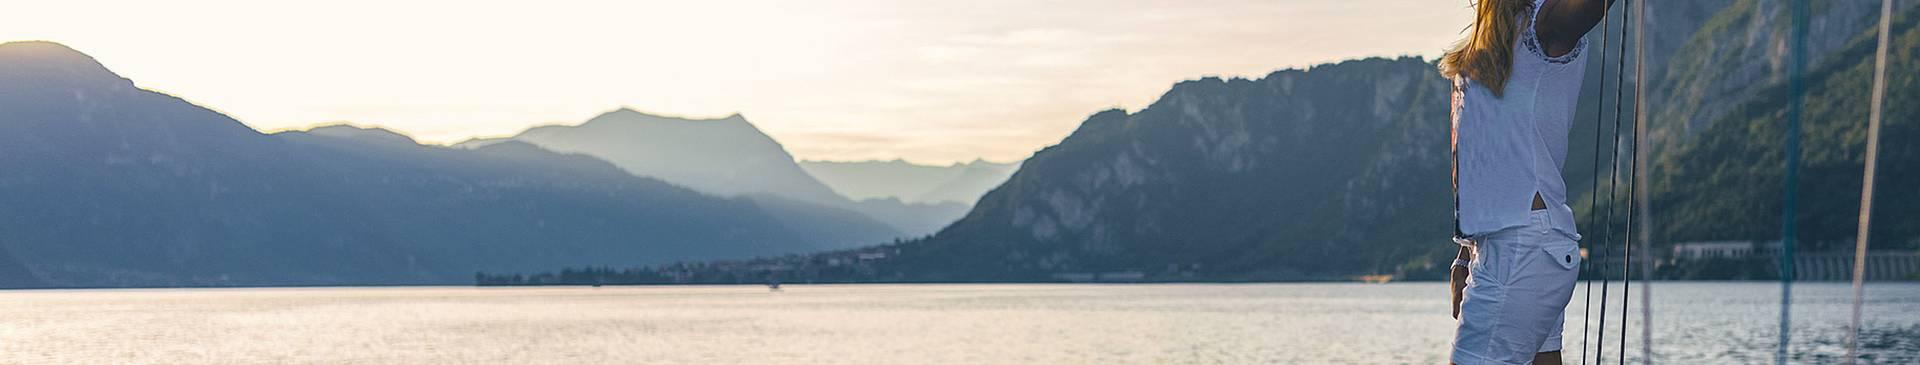 Croisière et Balade en bateau en Italie